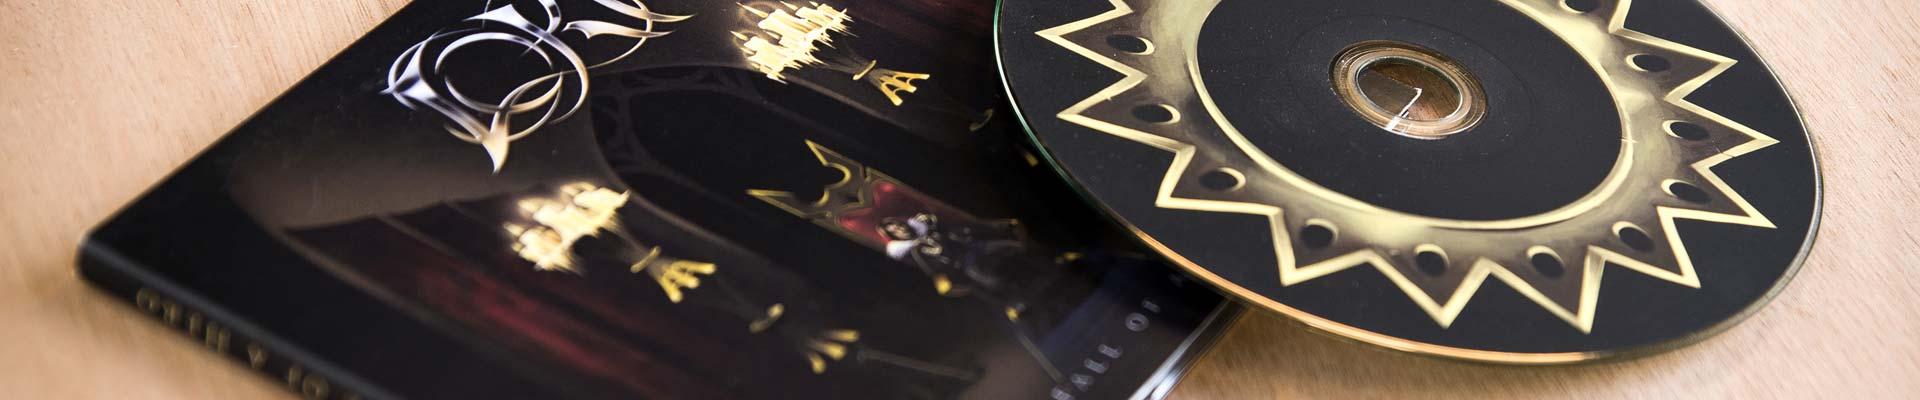 Graphiste, création de pochette de CD à Mâcon, Chalon